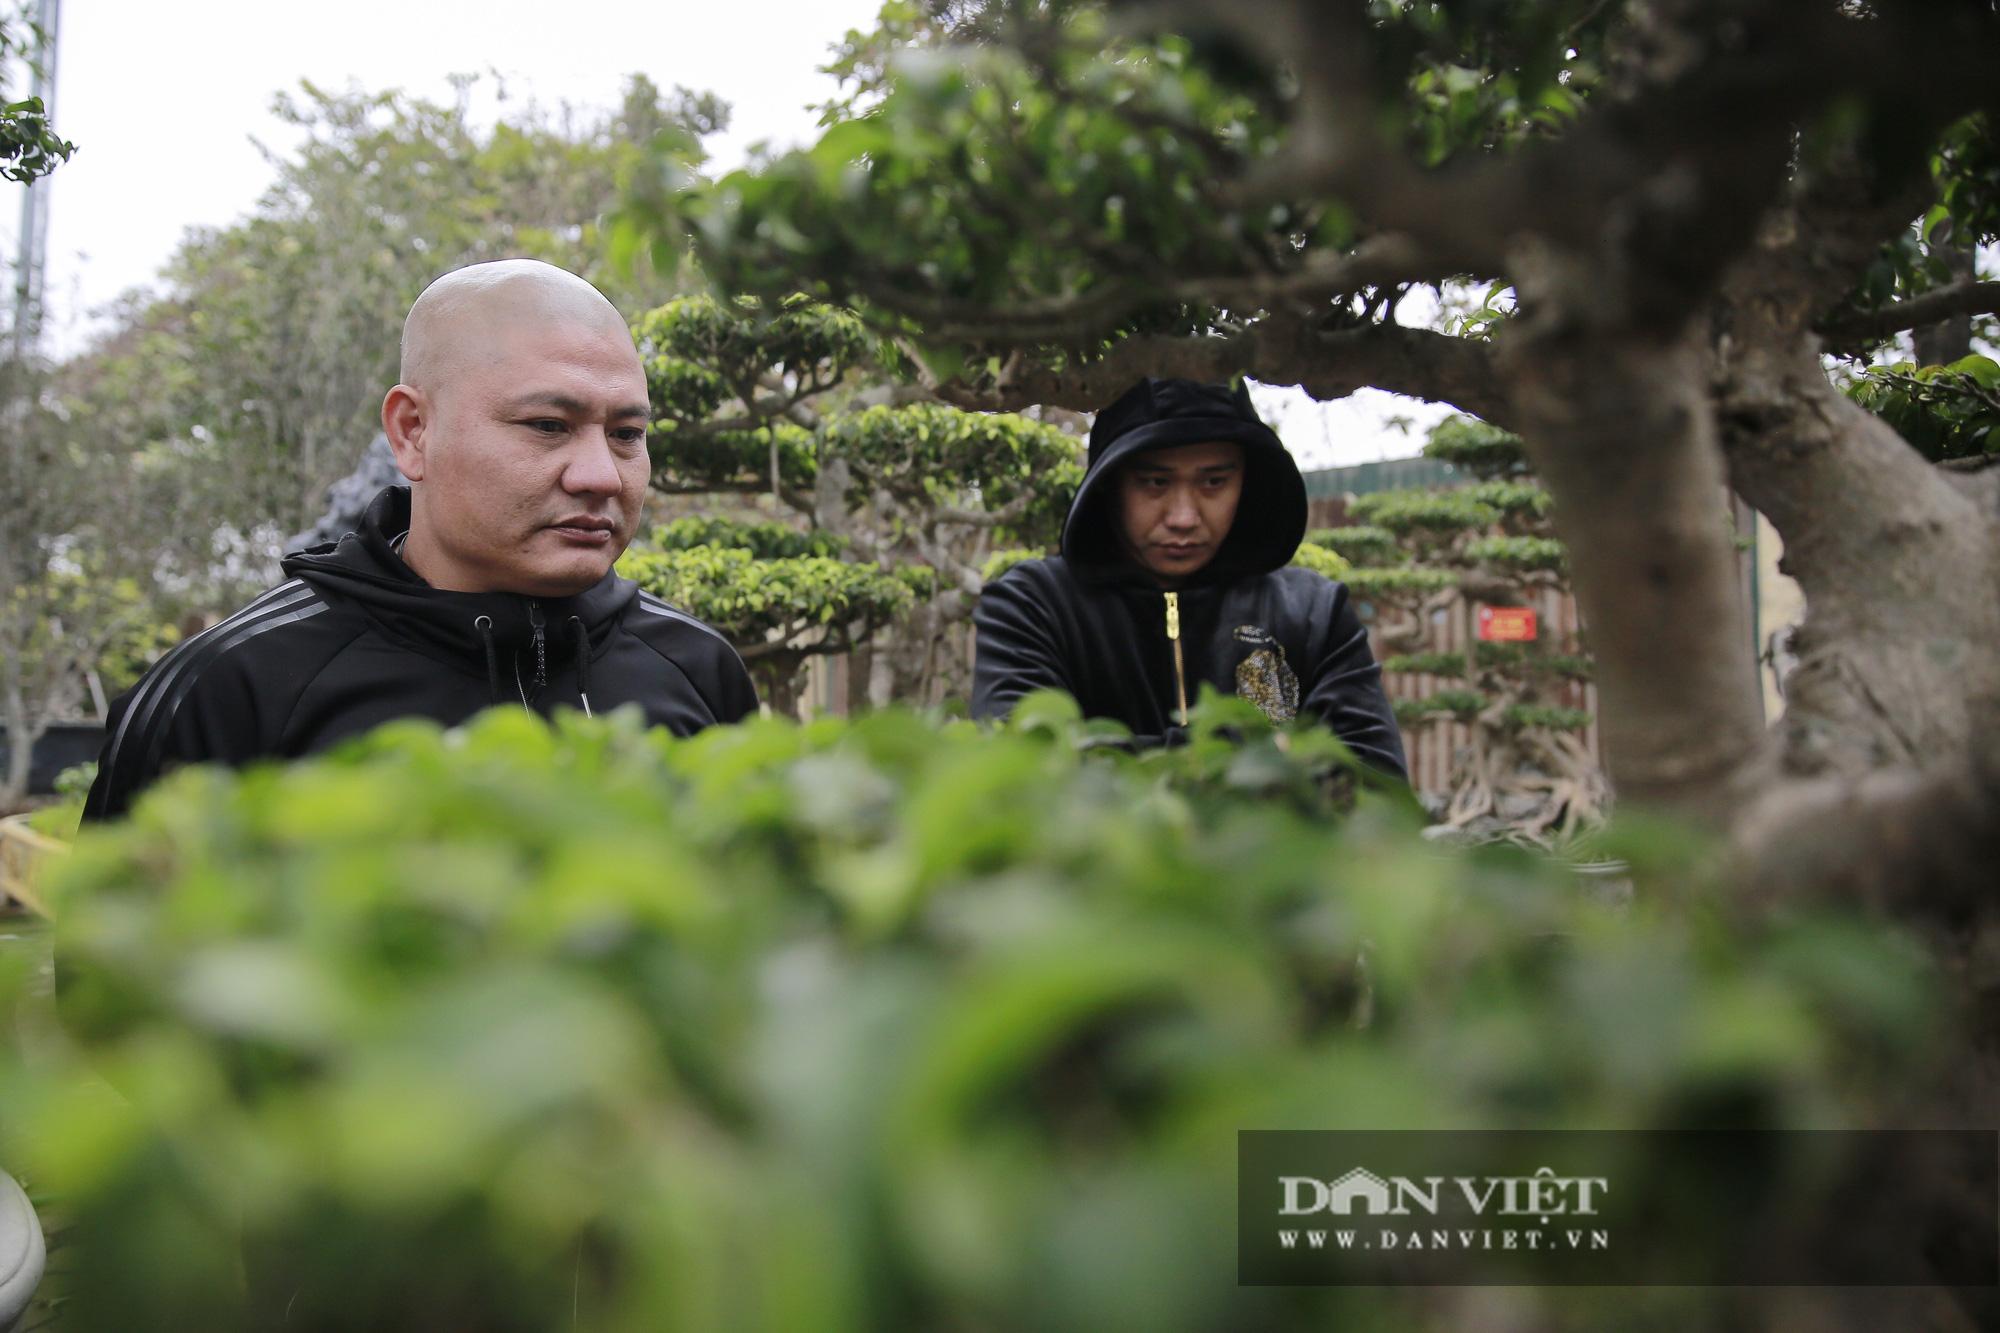 Mãn nhãn với những chậu bonsai quý hiếm tại Festival Sinh vật cảnh Hà Nội - Ảnh 9.